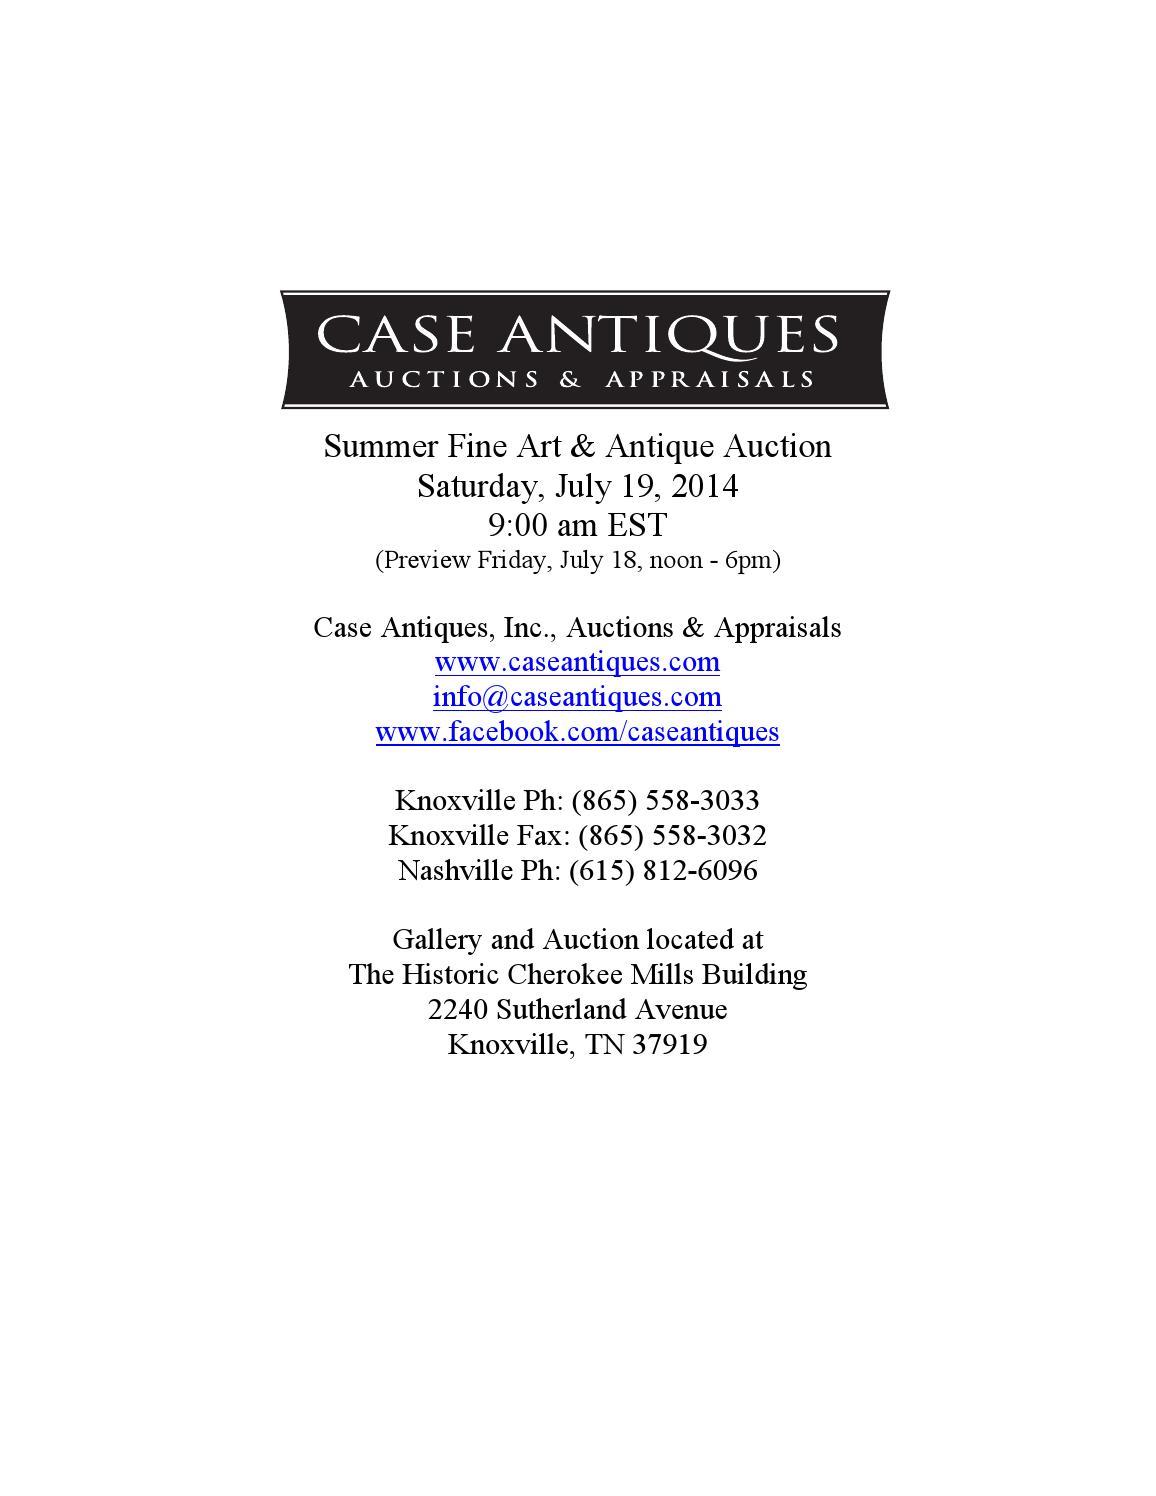 fb3eae35144 July 19 2014 auction catalog 071914 rev4 large by Case Antiques